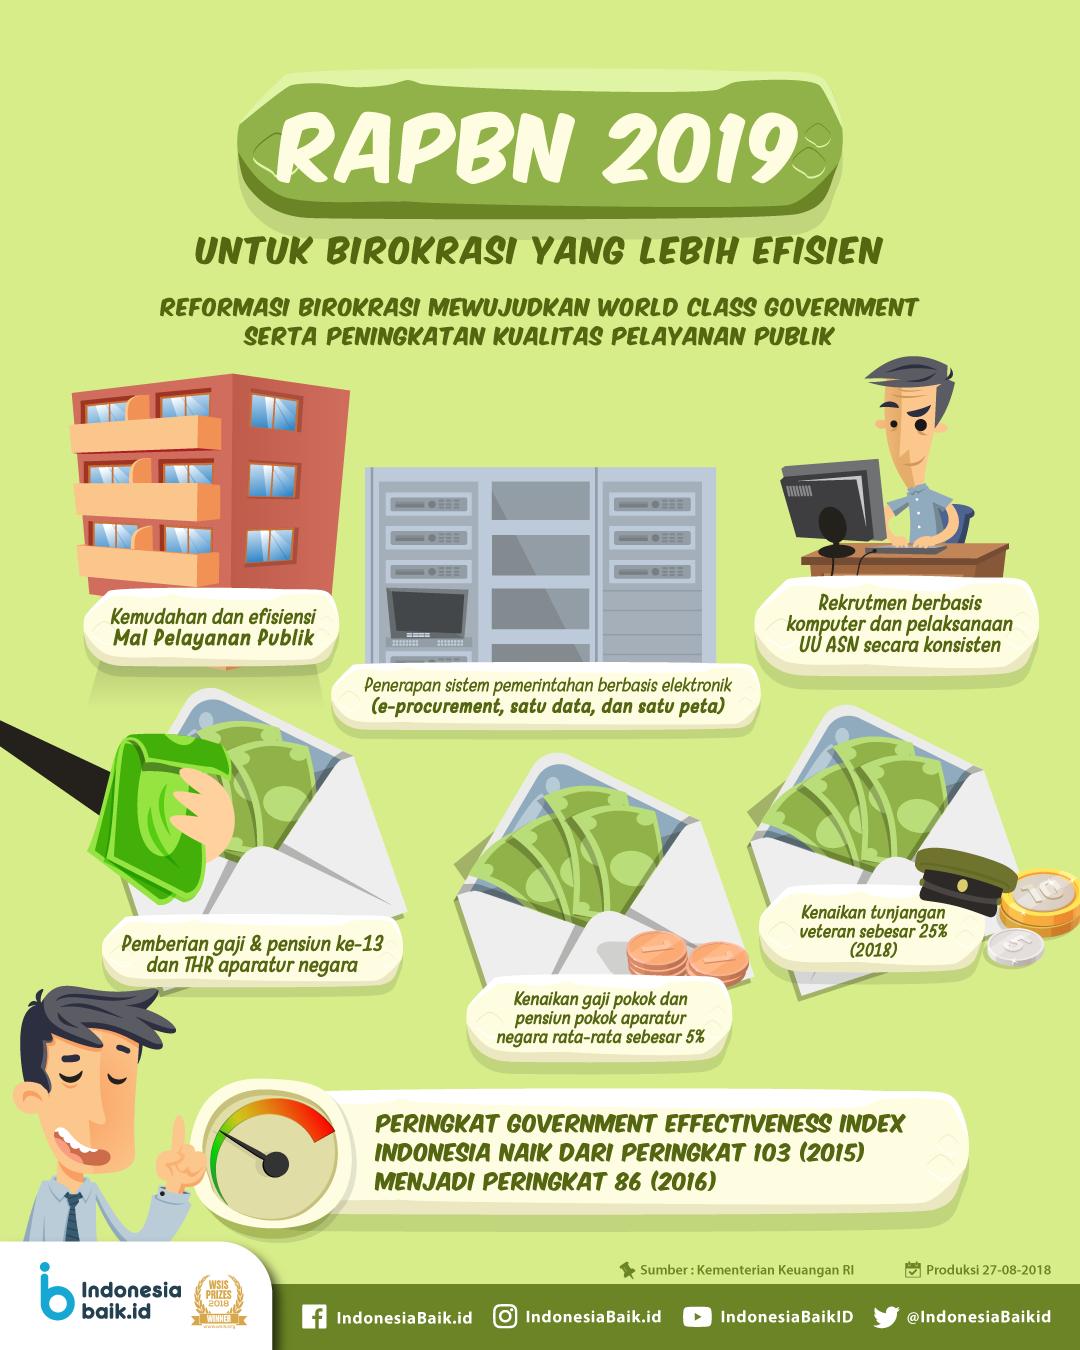 RAPBN 2019: Untuk Birokrasi yang Lebih Efisien